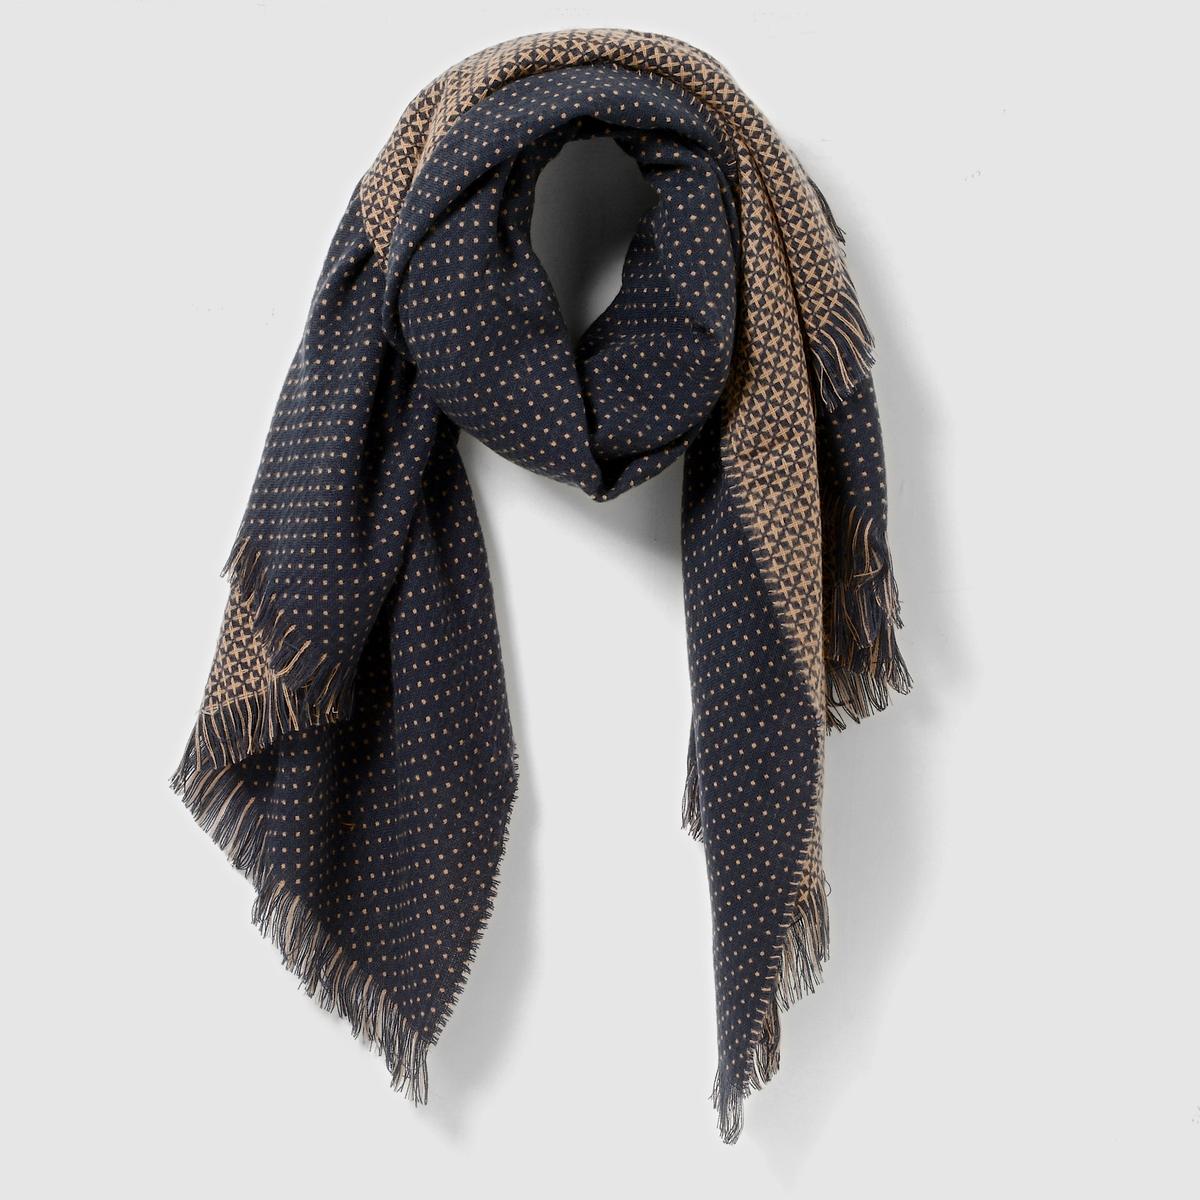 Шарф с рисунком - R studioПреимущества : Этот оригинальный шарф придаст Вашему внешнему виду особую изюминку.<br><br>Цвет: зеленый<br>Размер: единый размер